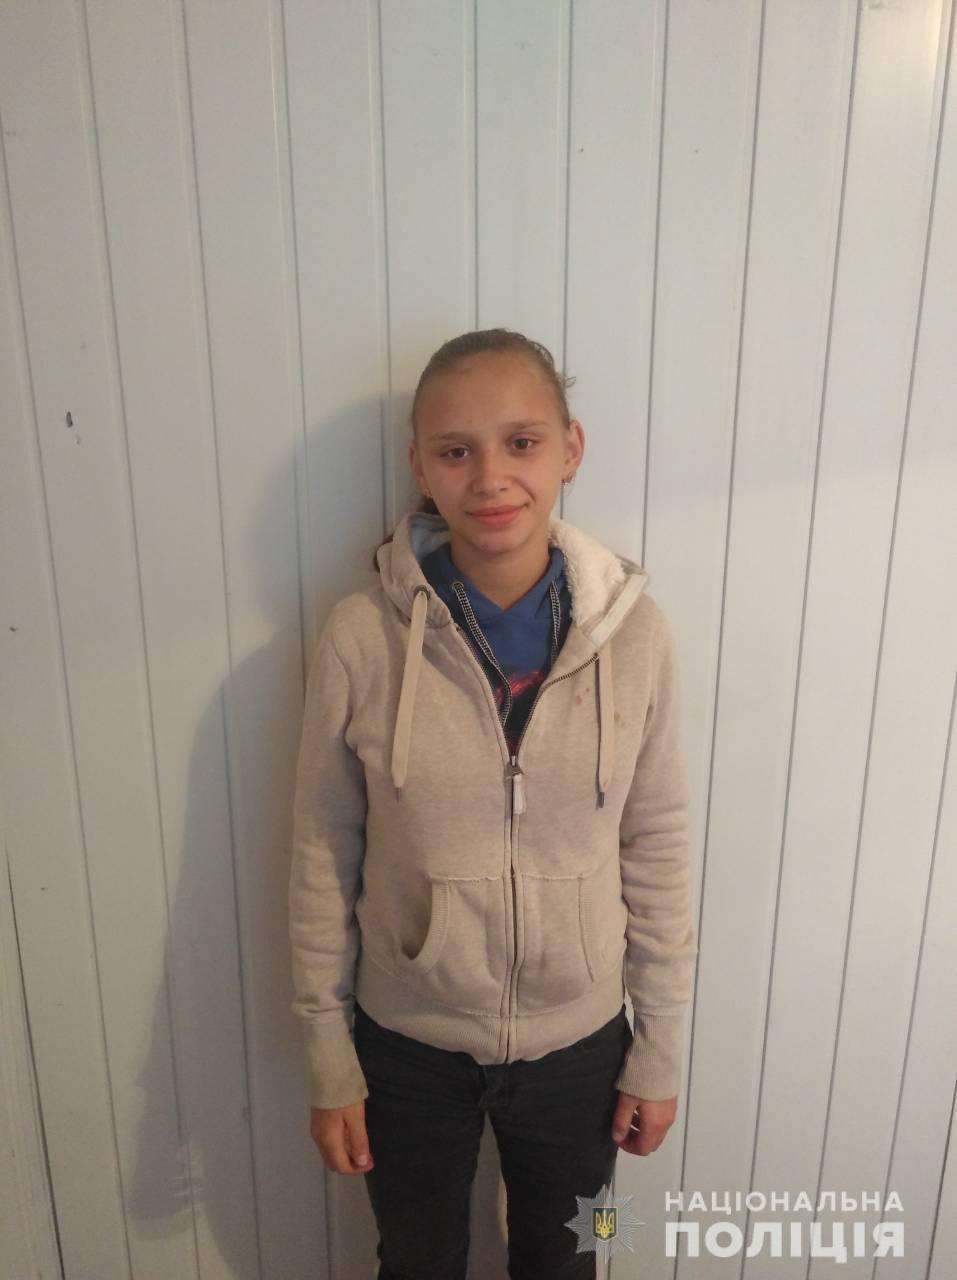 На Закарпатті розшукують 15-річну Мирославу Григу, яка 30 вересня зникла по дорозі на навчання (ПРИКМЕТИ, ФОТО), фото-1